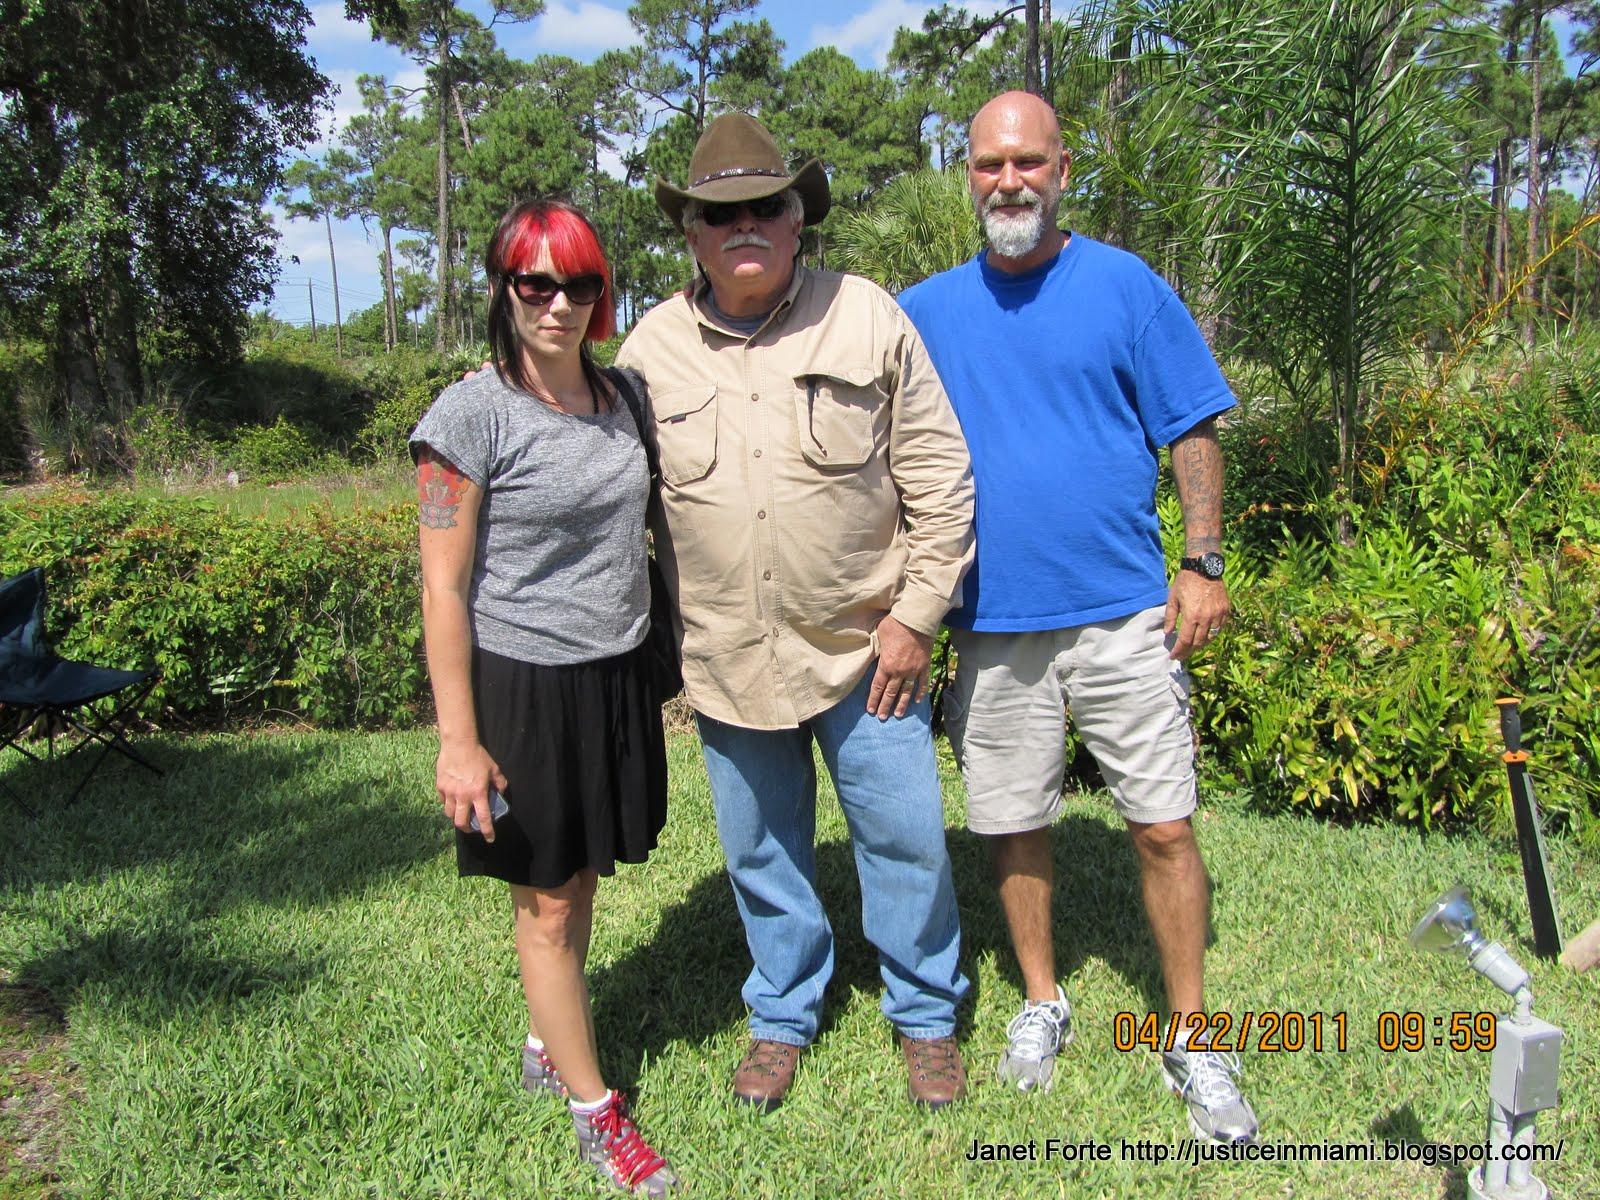 http://2.bp.blogspot.com/-UrNqfanDU8Y/TbNrfEDosEI/AAAAAAAADlk/zVxzN7lIkOA/s1600/JFHoadleyCarrillo.JPG